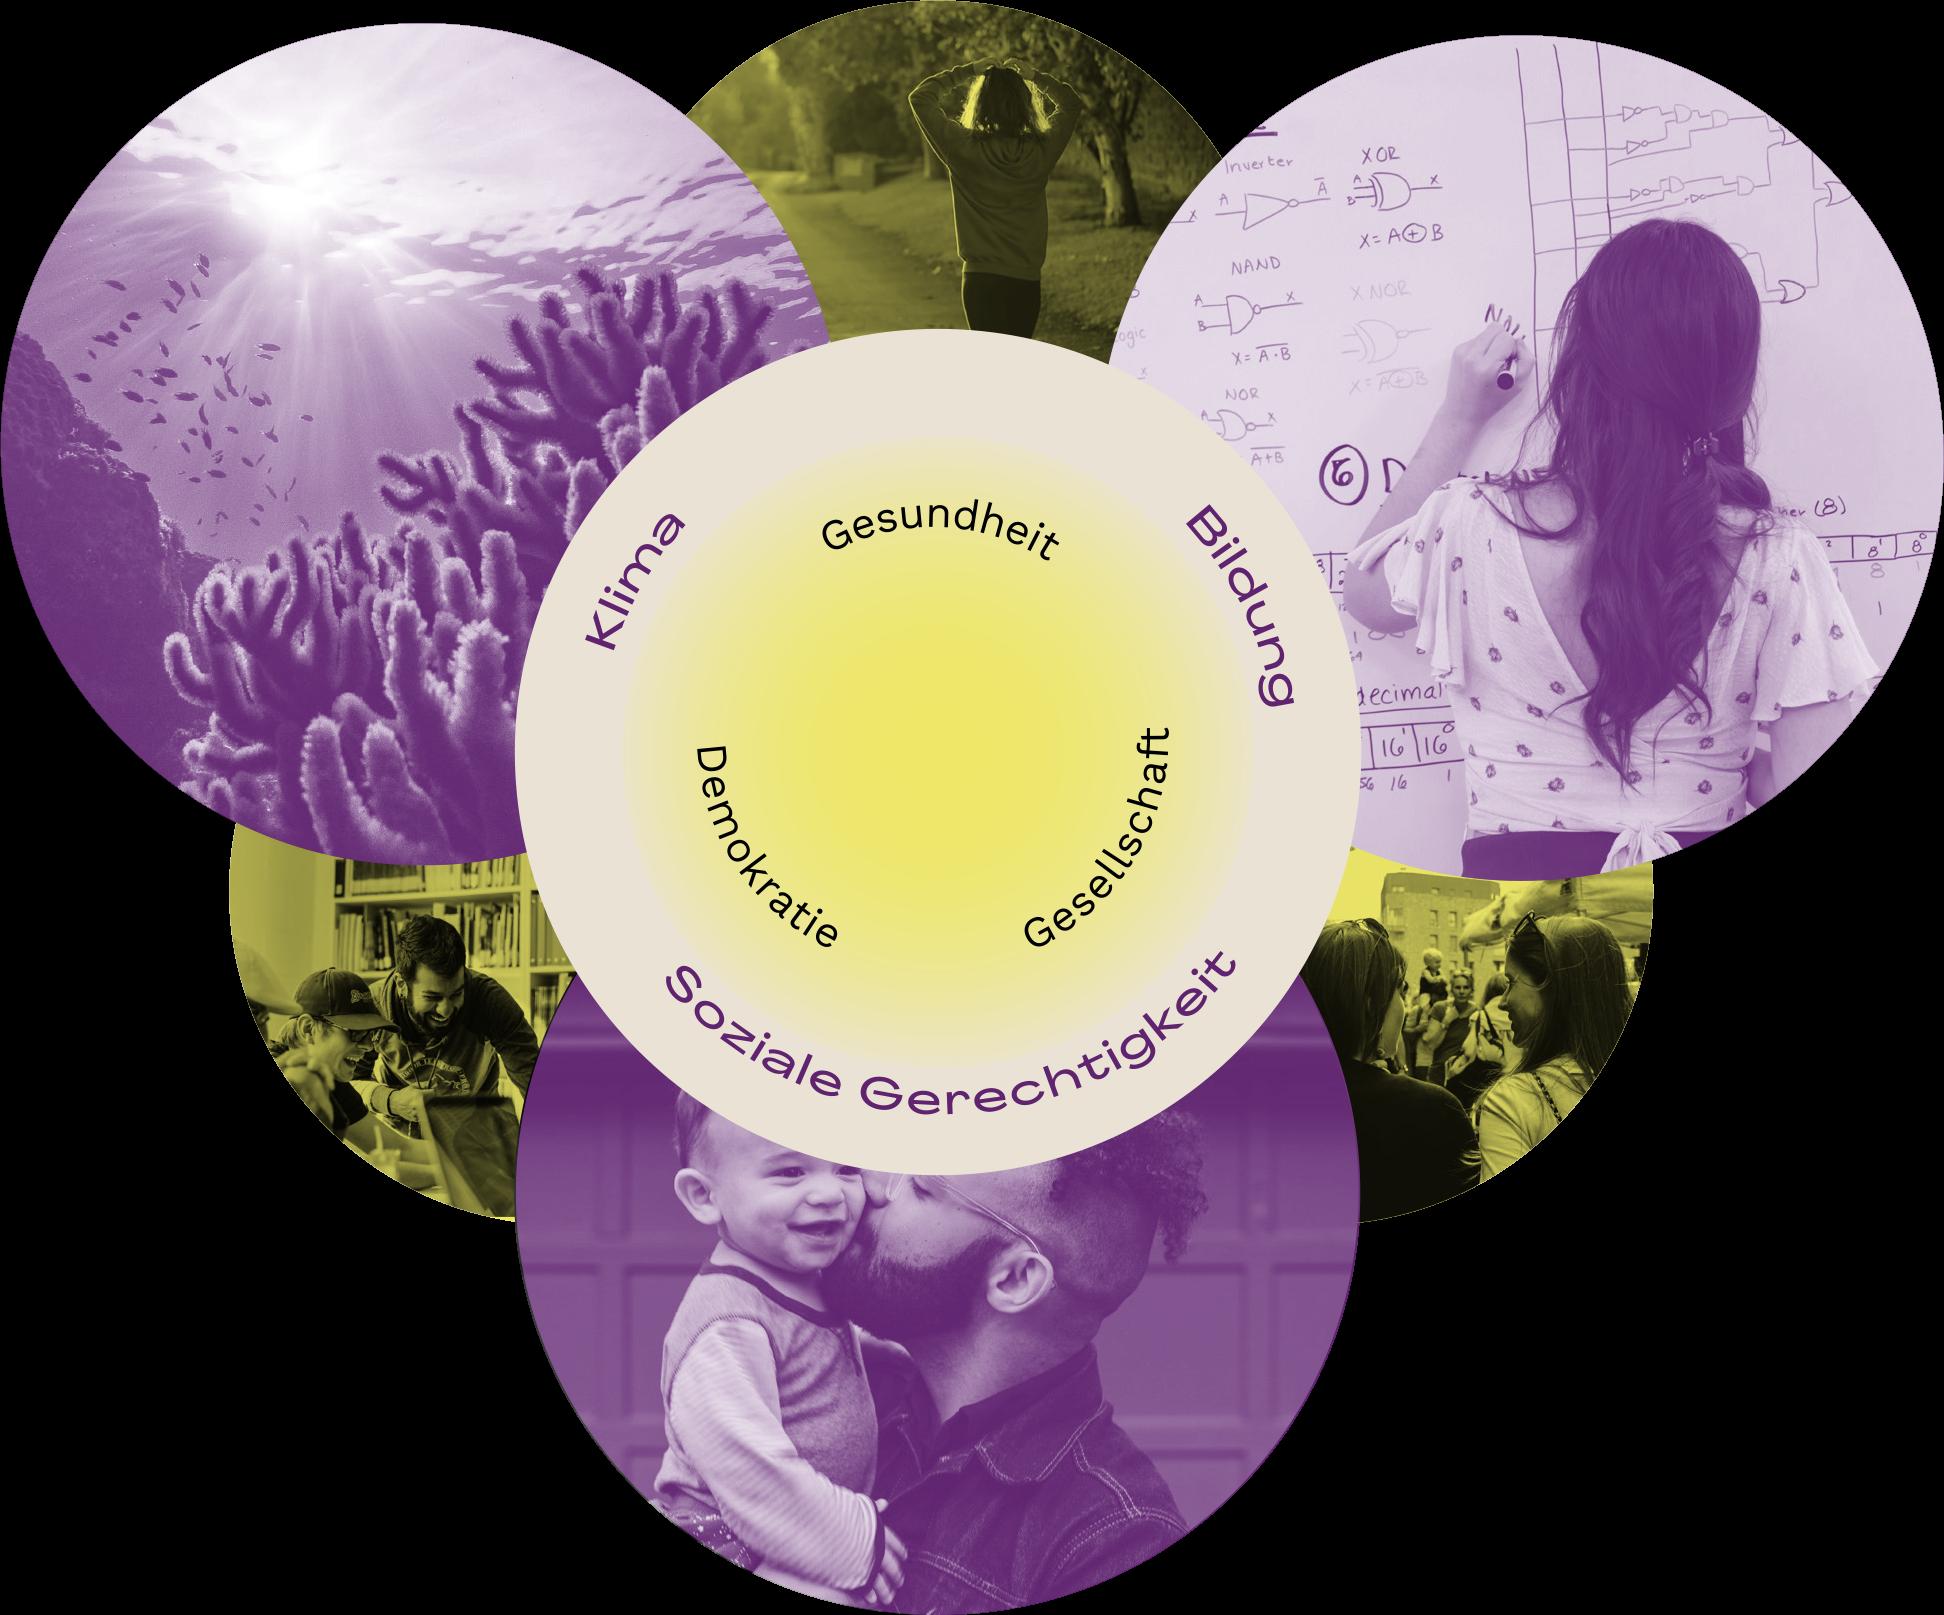 Themen: Bildung, Soziale Gerechtigkeit, Klima, Gesundheit, Demokratie, Gesellschaft